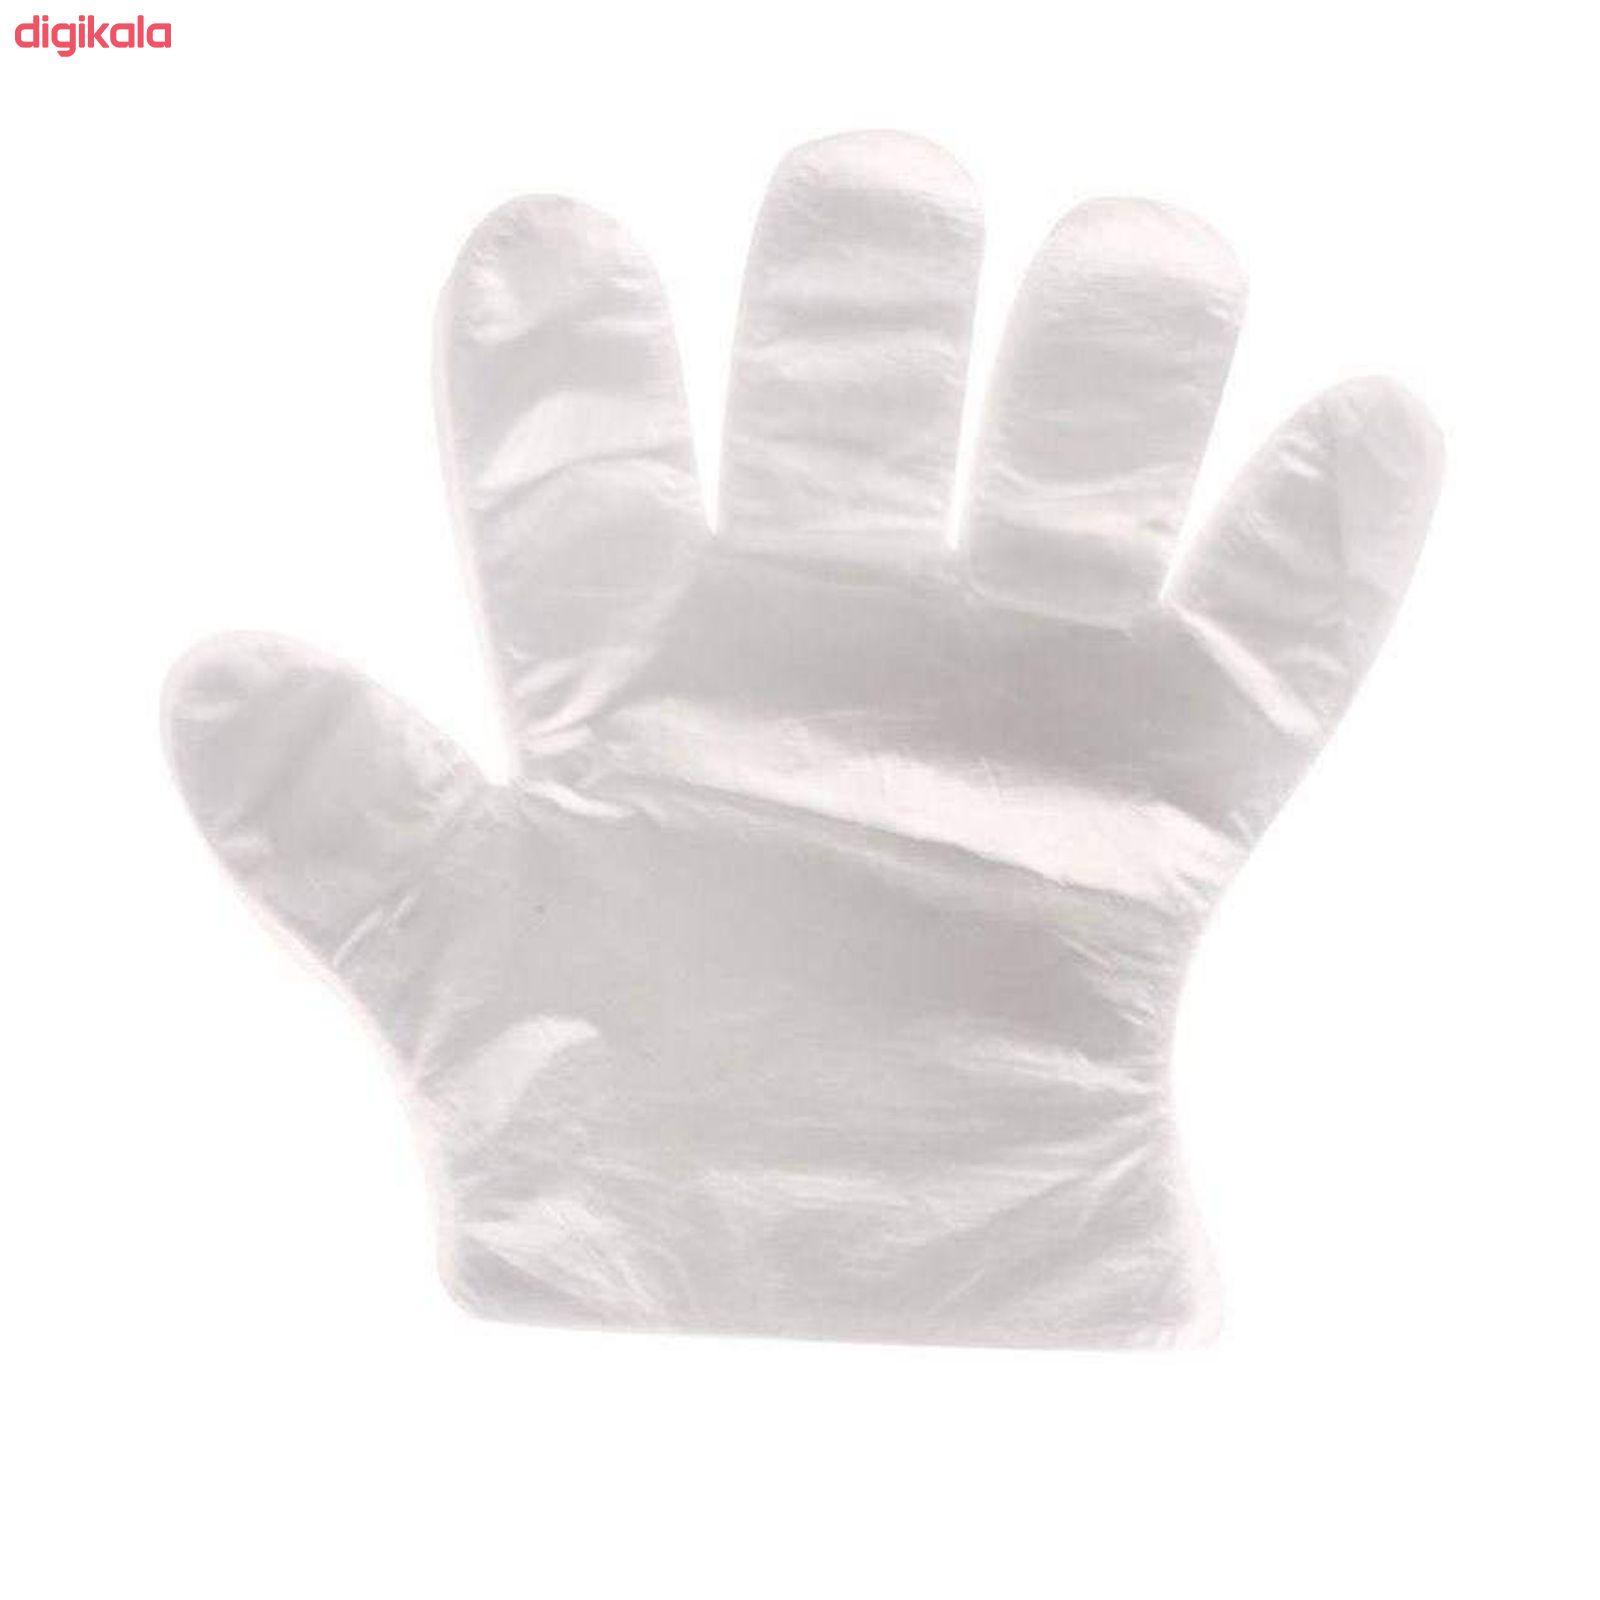 دستکش یکبار مصرف مهرگان مدل MG-100 بسته 100 عددی main 1 1